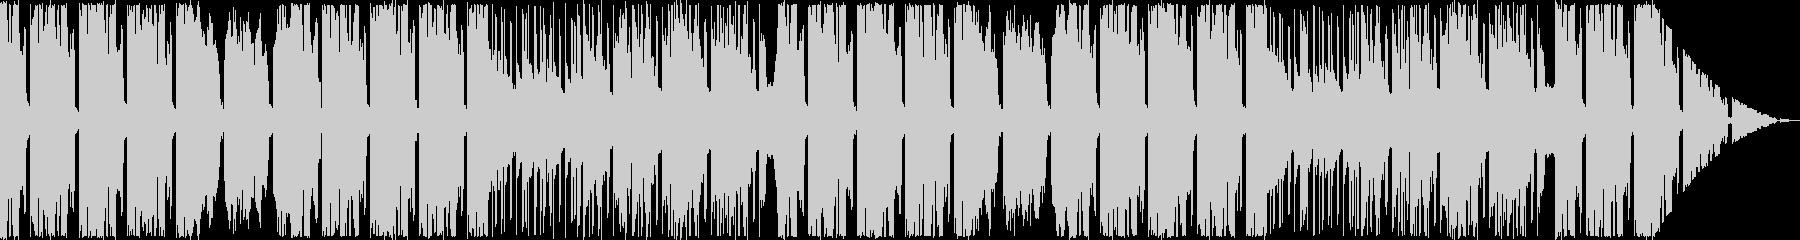 オシャレなFuture Bassの未再生の波形